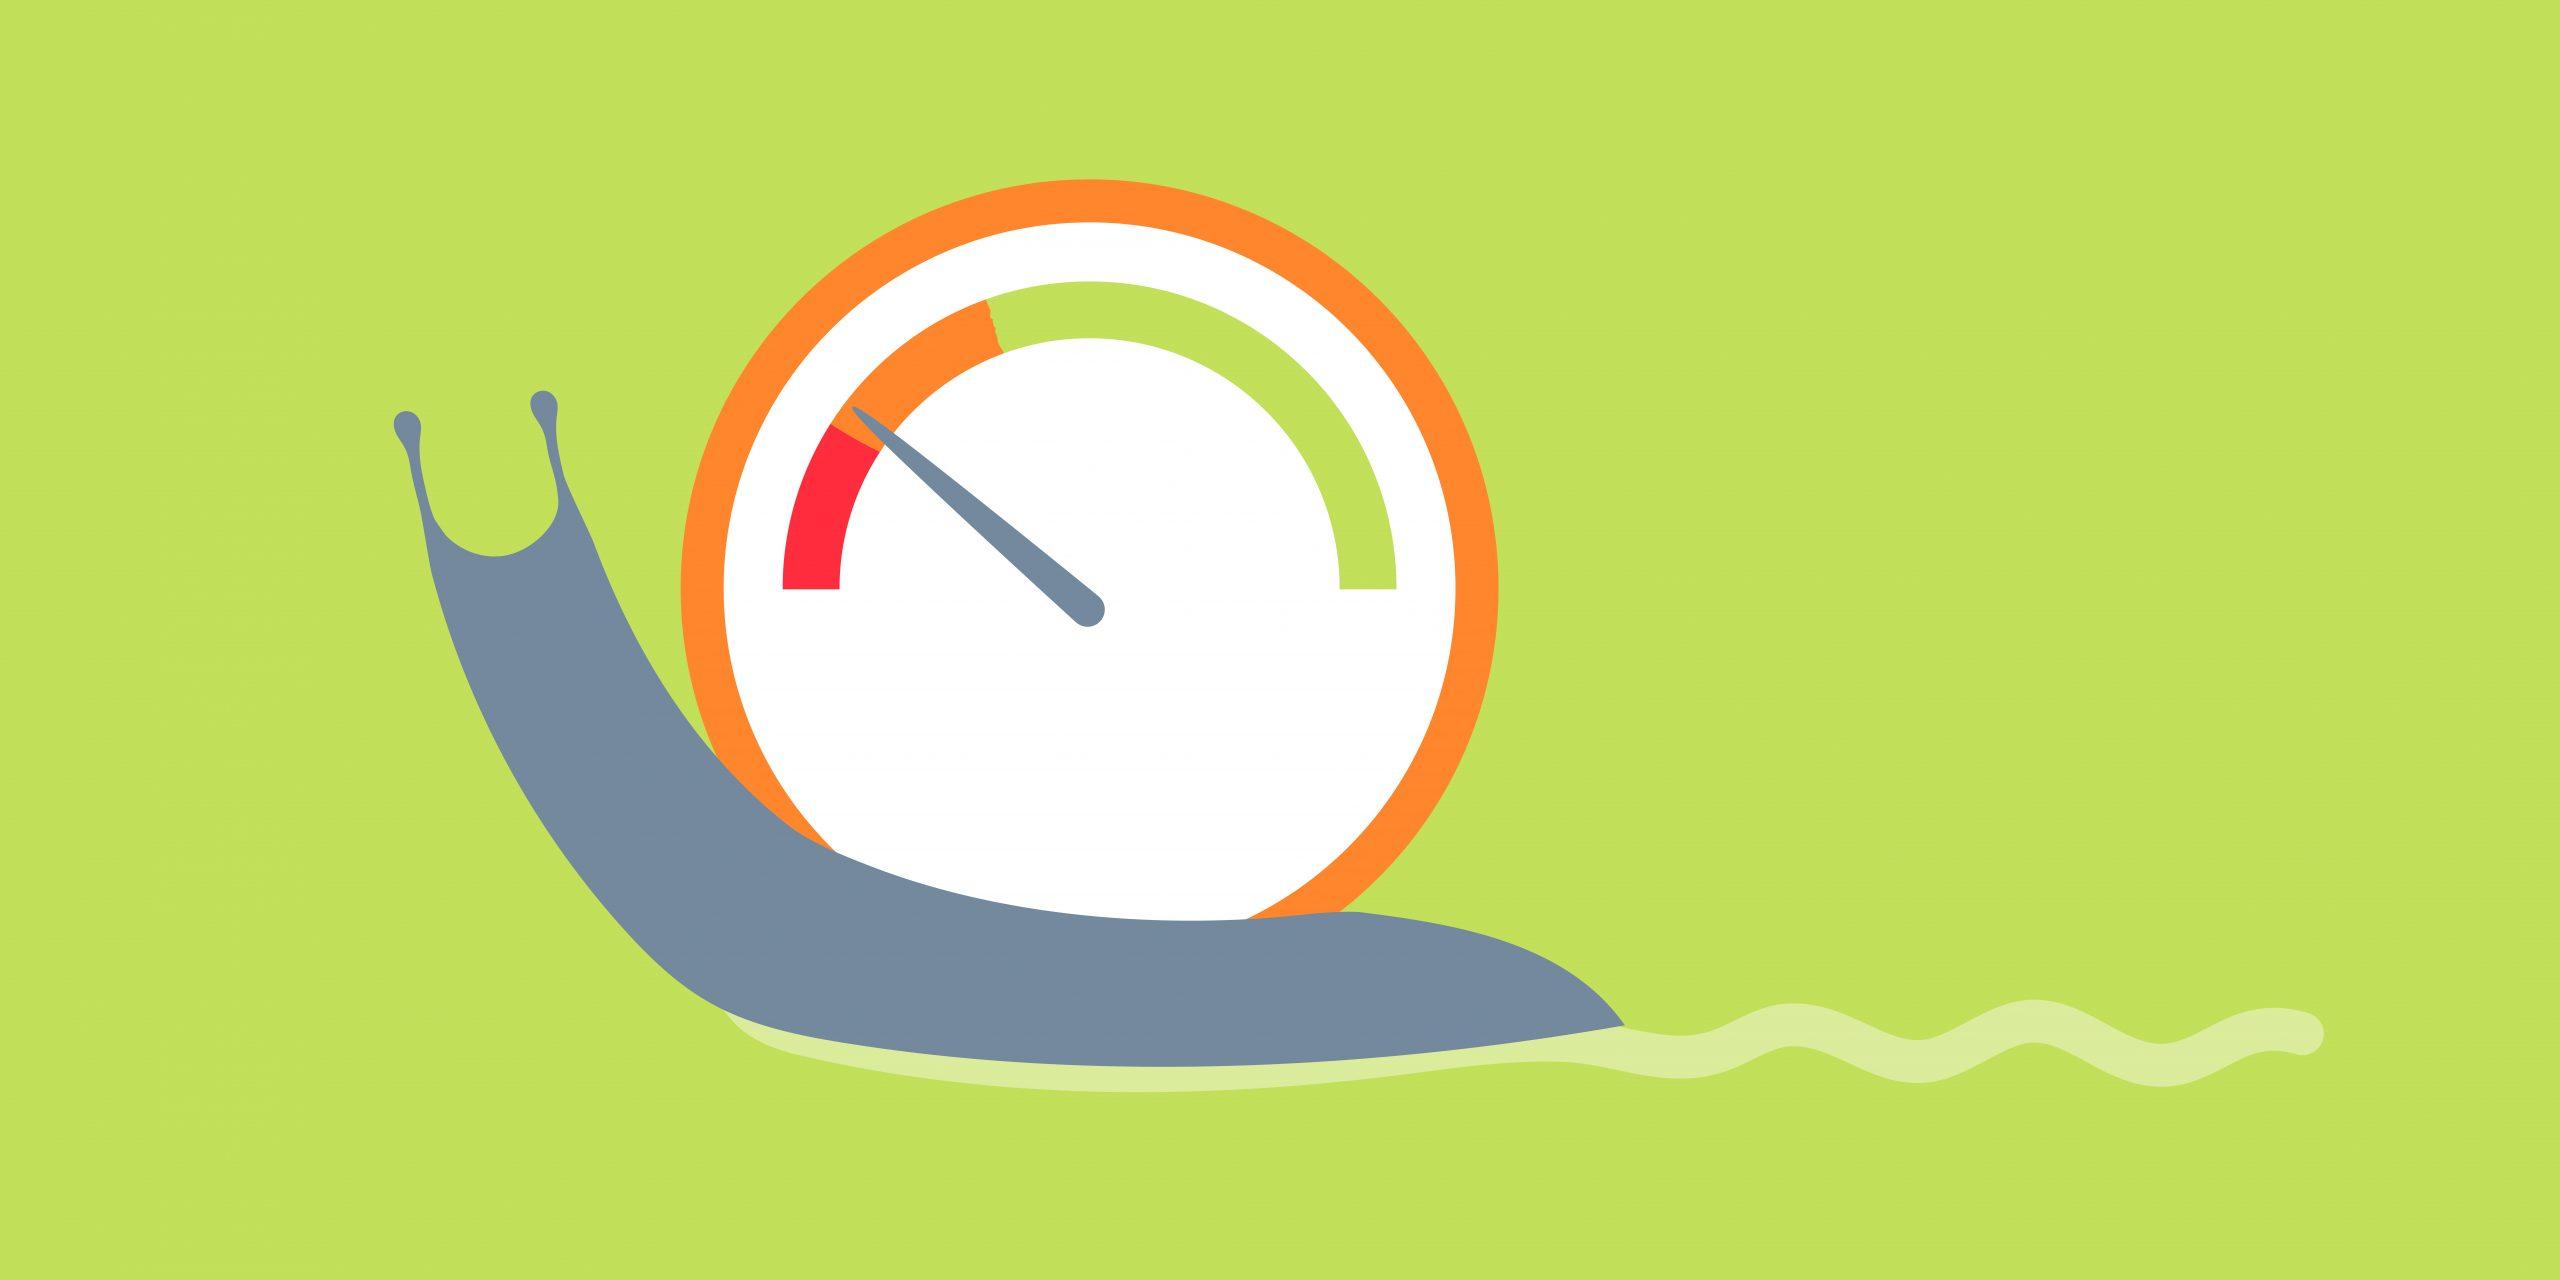 Speed on websites